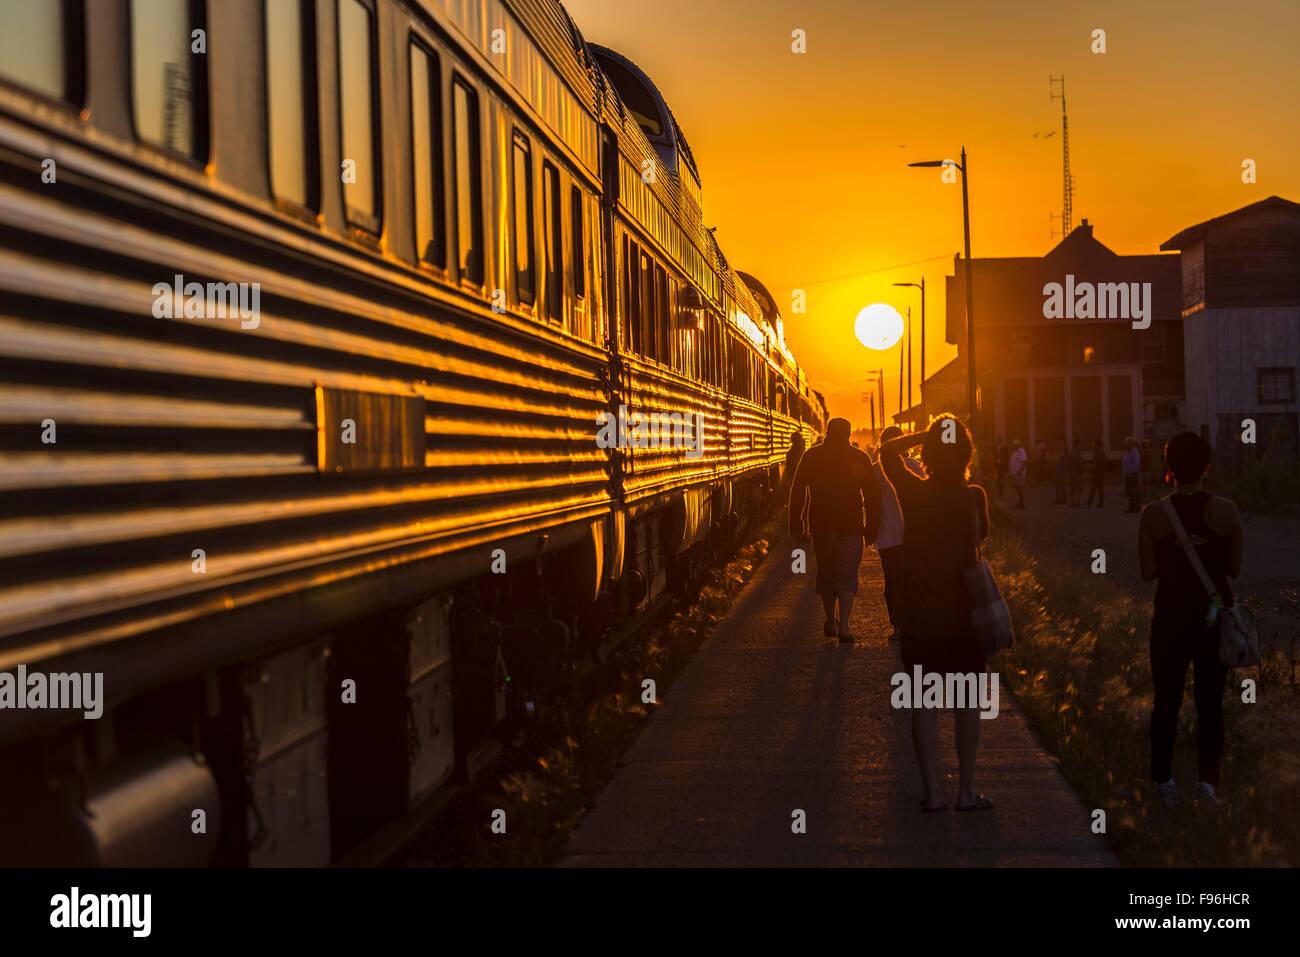 Coucher de soleil en face de l'arrêt du train de voyageurs dans la ville de Melville en Saskatchewan, Canada. Photo Stock